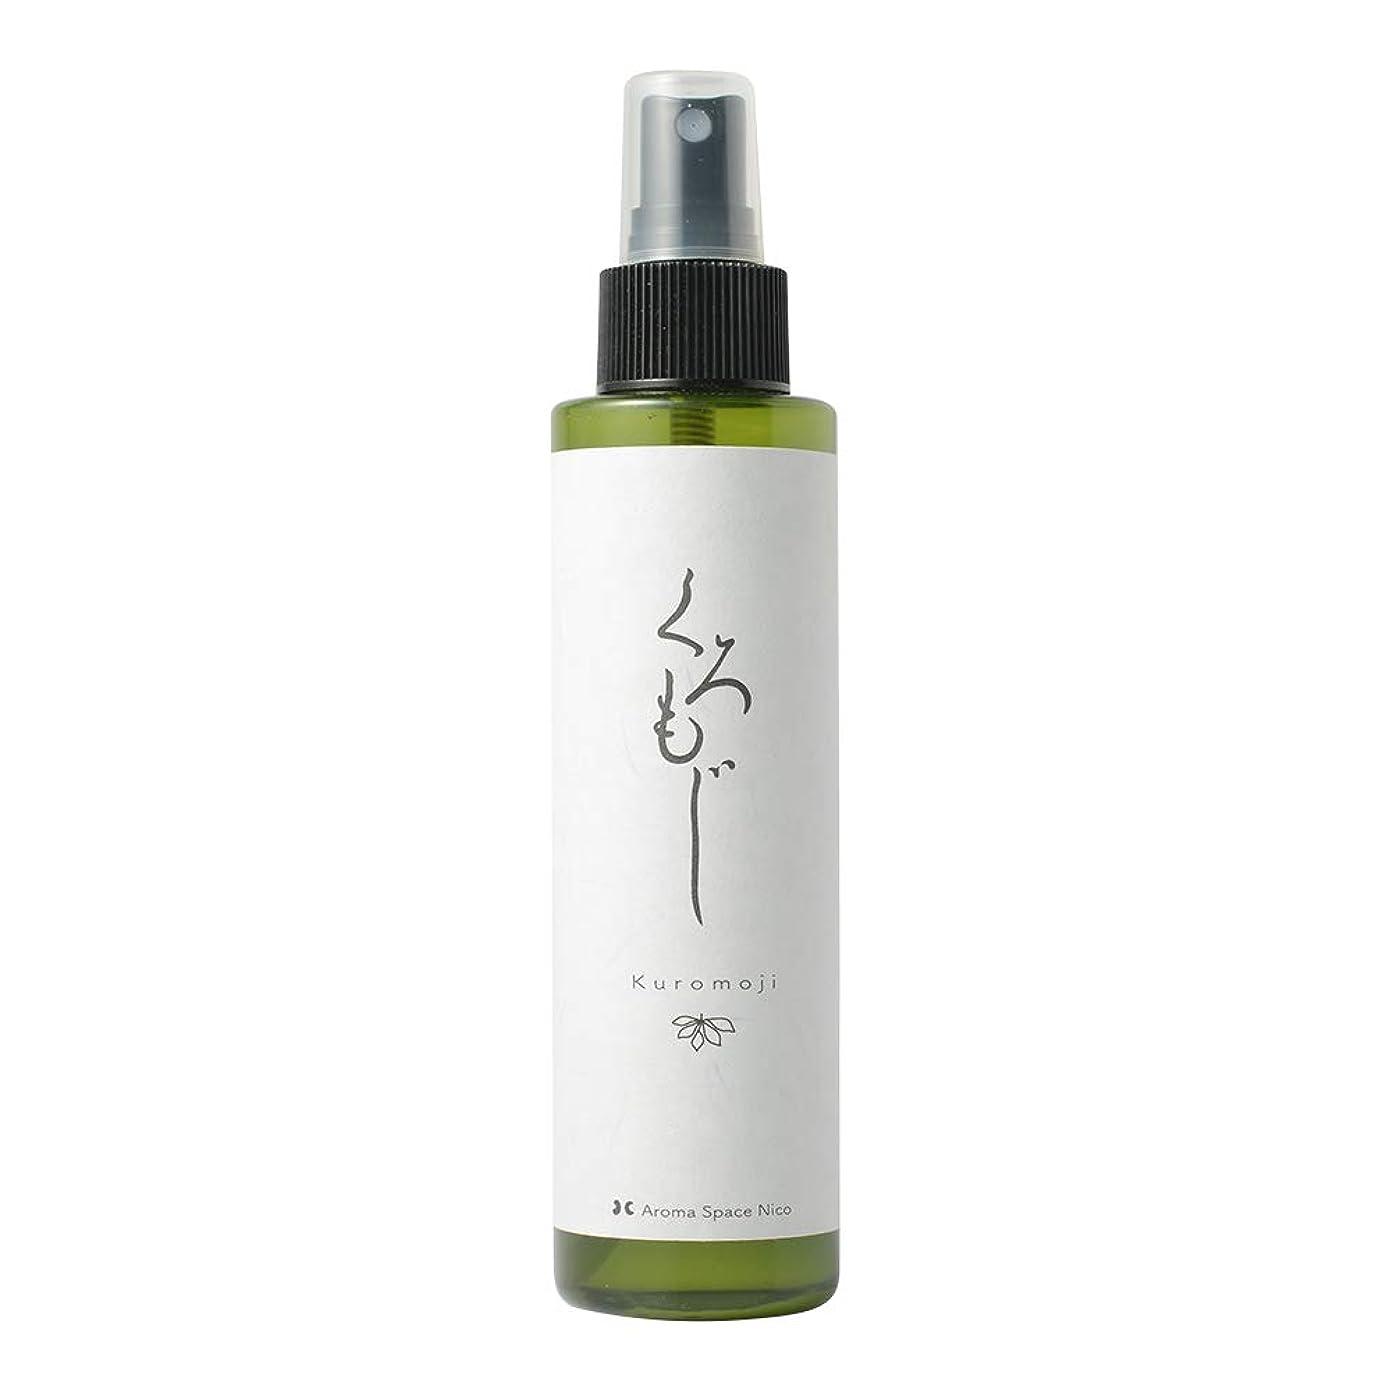 消費擬人化不健全無添加 さっぱり 化粧水 [NICOクロモジハーブウォーター(150ml)] 敏感肌 ミスト 天然成分100% 心が和む和の香り …